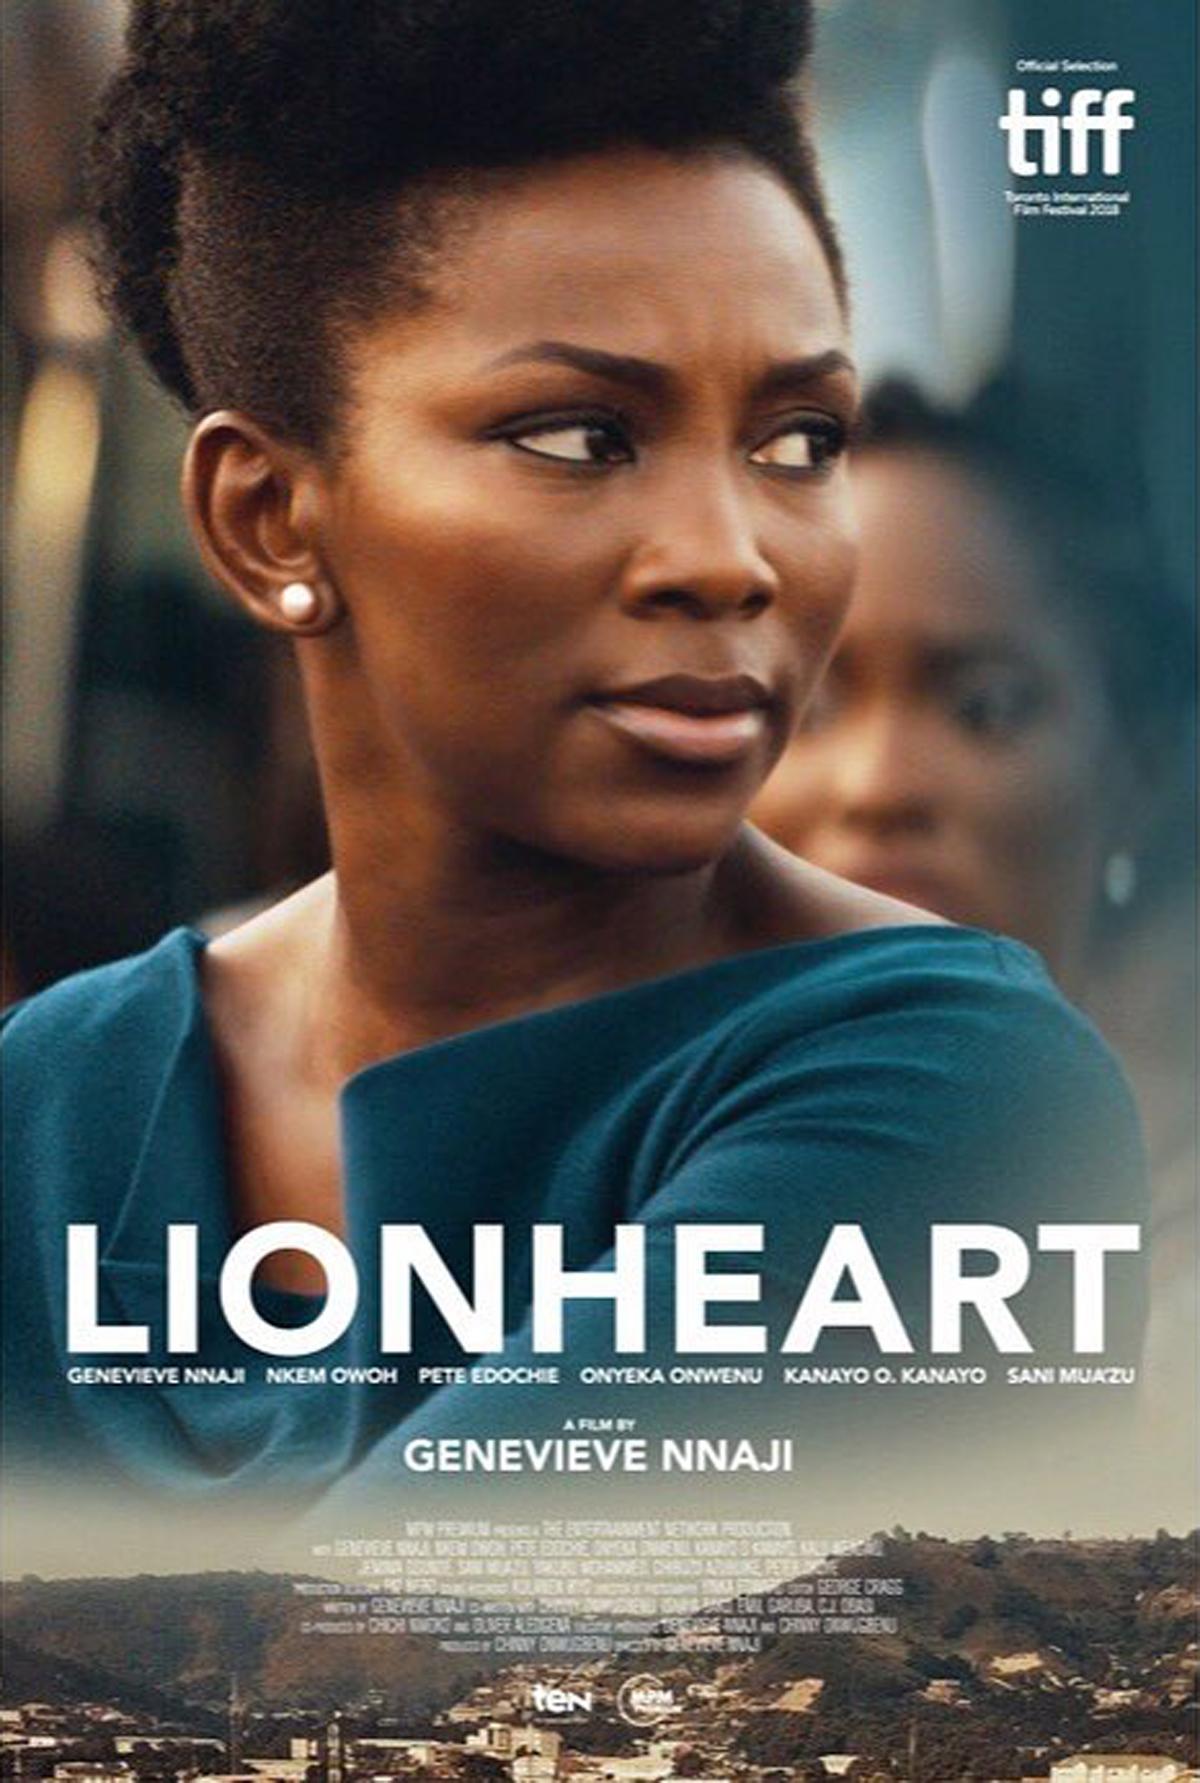 """""""LionHeart"""": Voici à combien, la réalisatrice Geneviève Nnaji vend le premier film nigérian nominé aux Oscars 2020 à Netflix."""